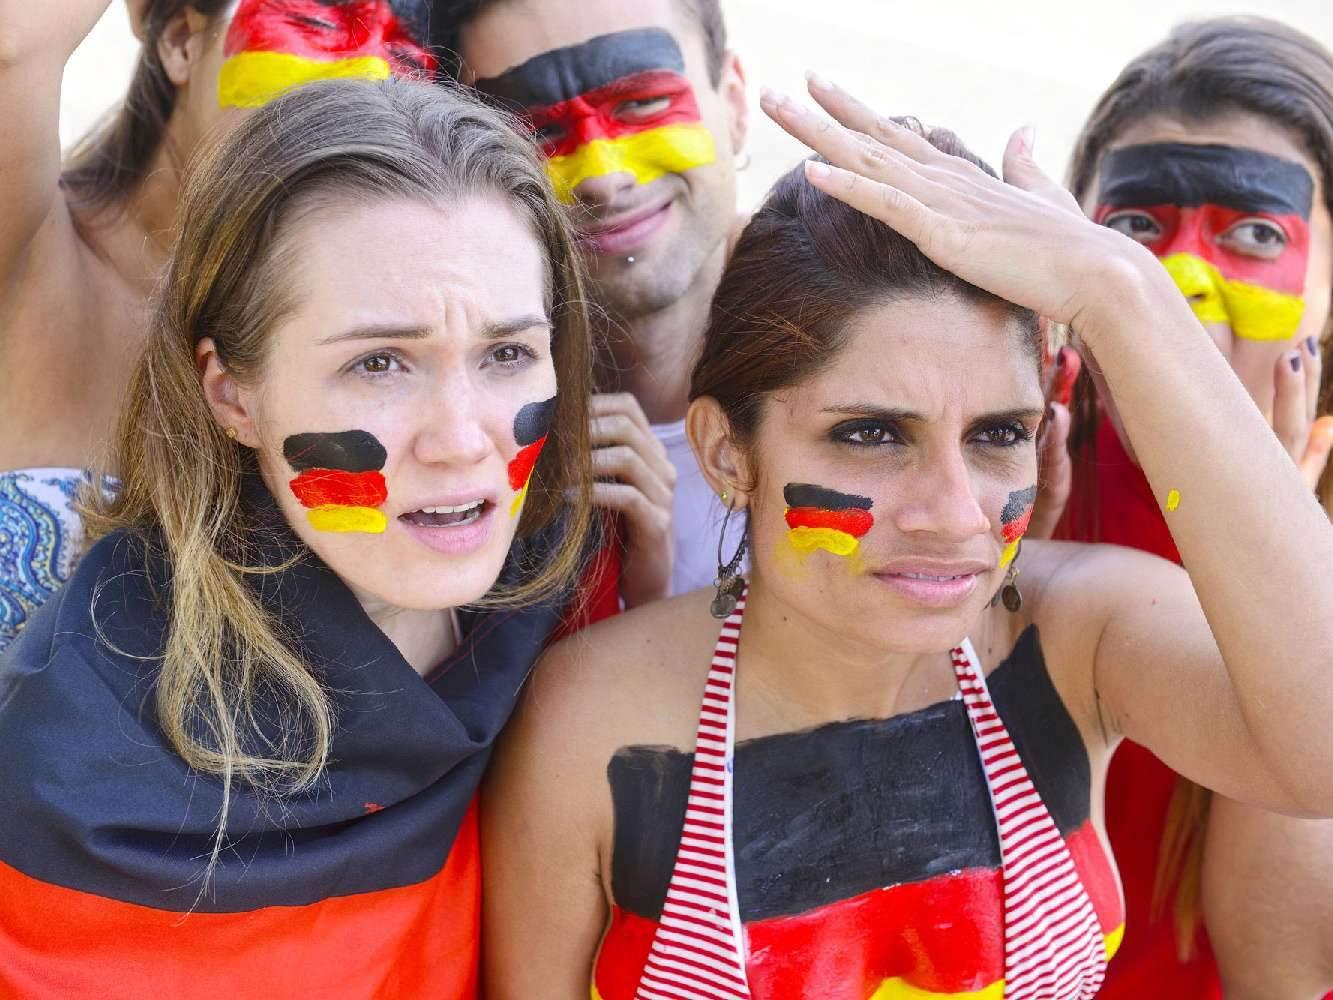 В Германии команда проиграла со счётом 0:37 из-за соблюдения правил дистанцирования